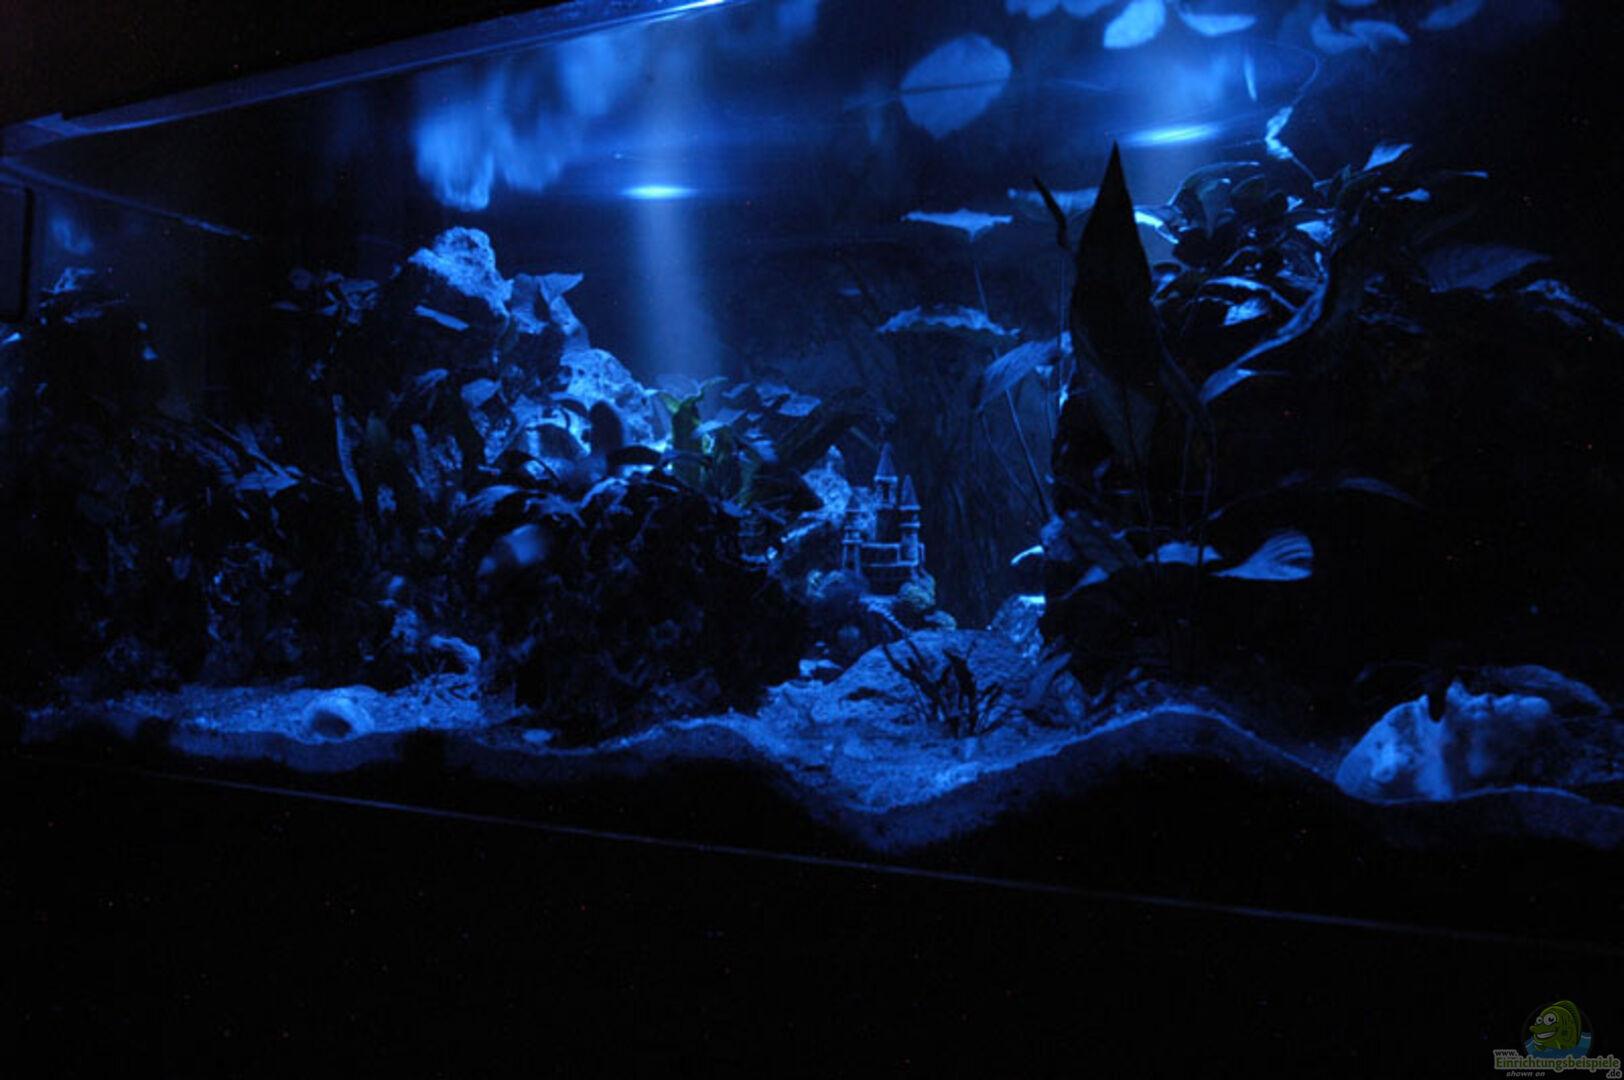 aquarium von gerhard schrenk becken 941. Black Bedroom Furniture Sets. Home Design Ideas